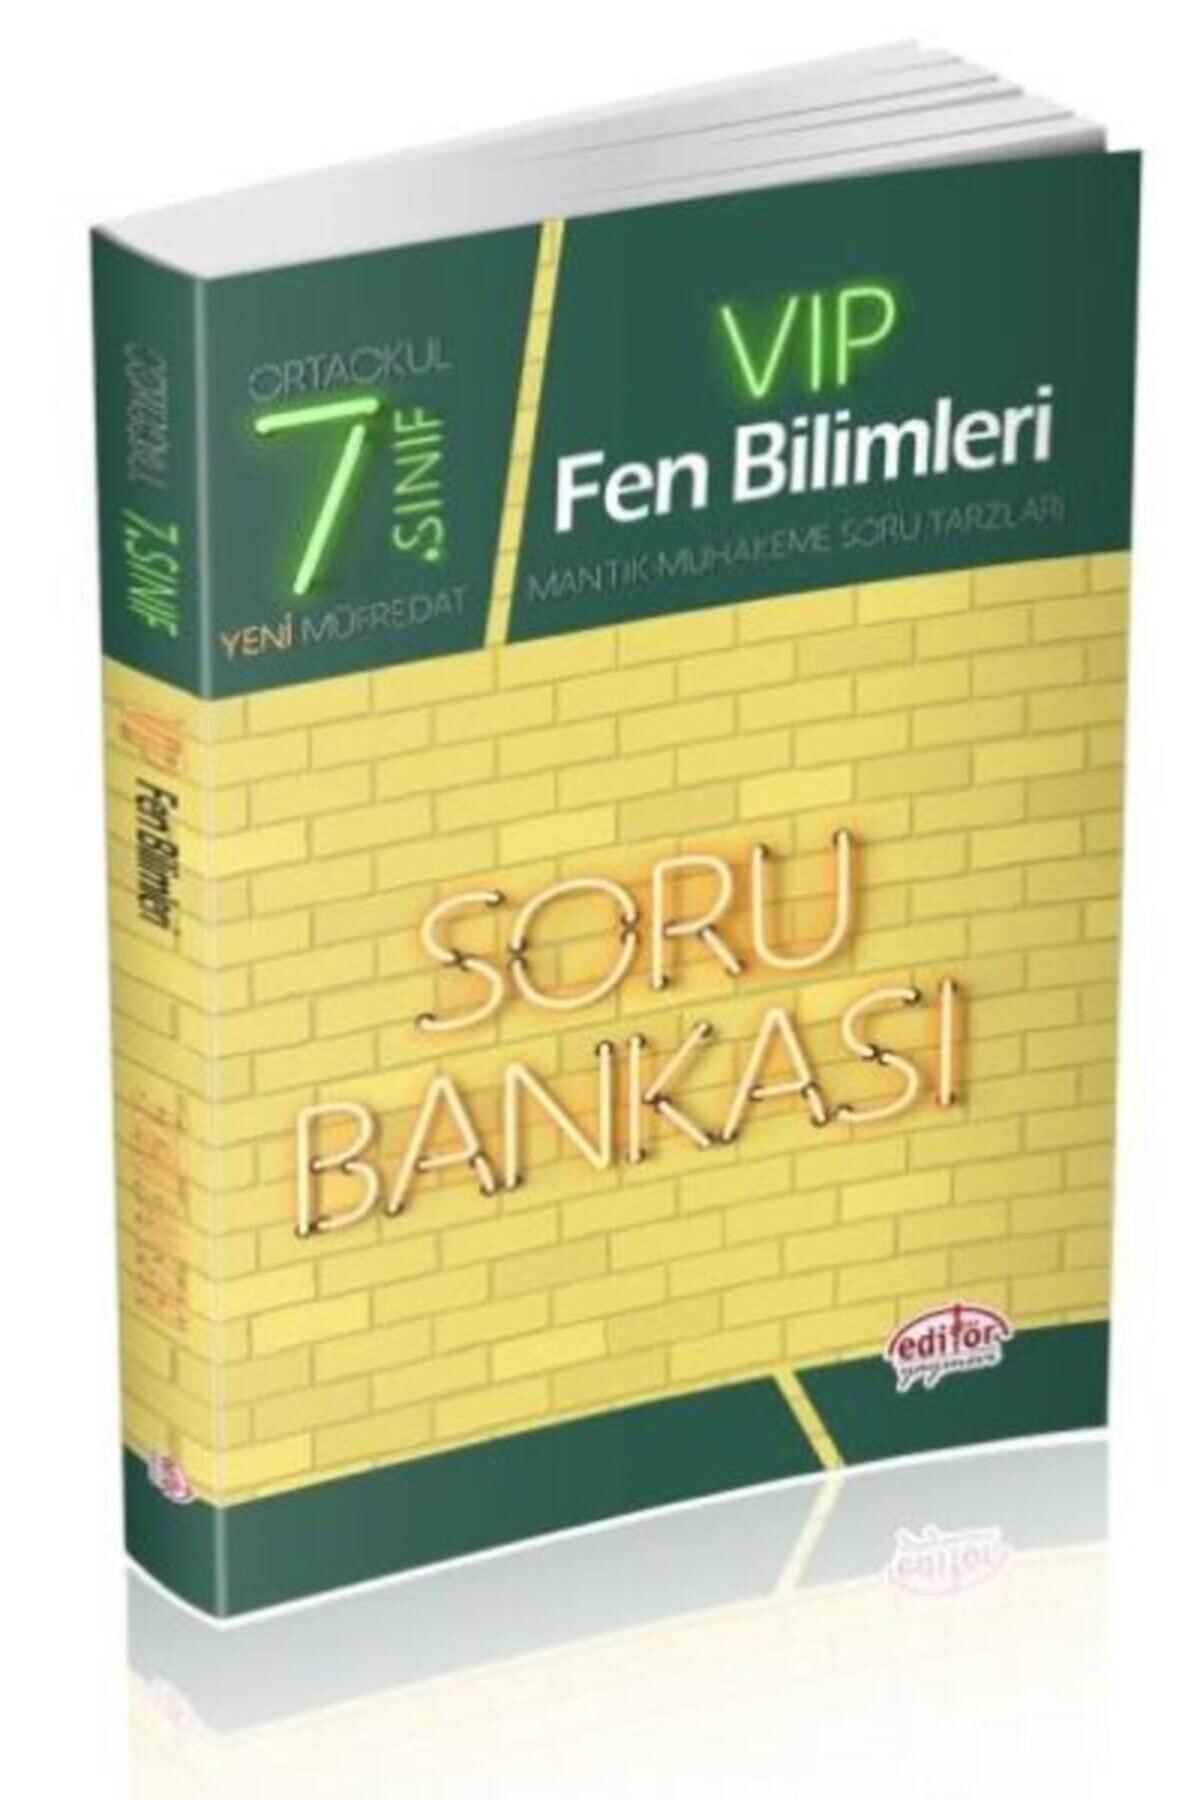 Editör Yayınları Editör 7. Sınıf Vıp Fen Bilimleri Soru Bankası (YENİ) 1